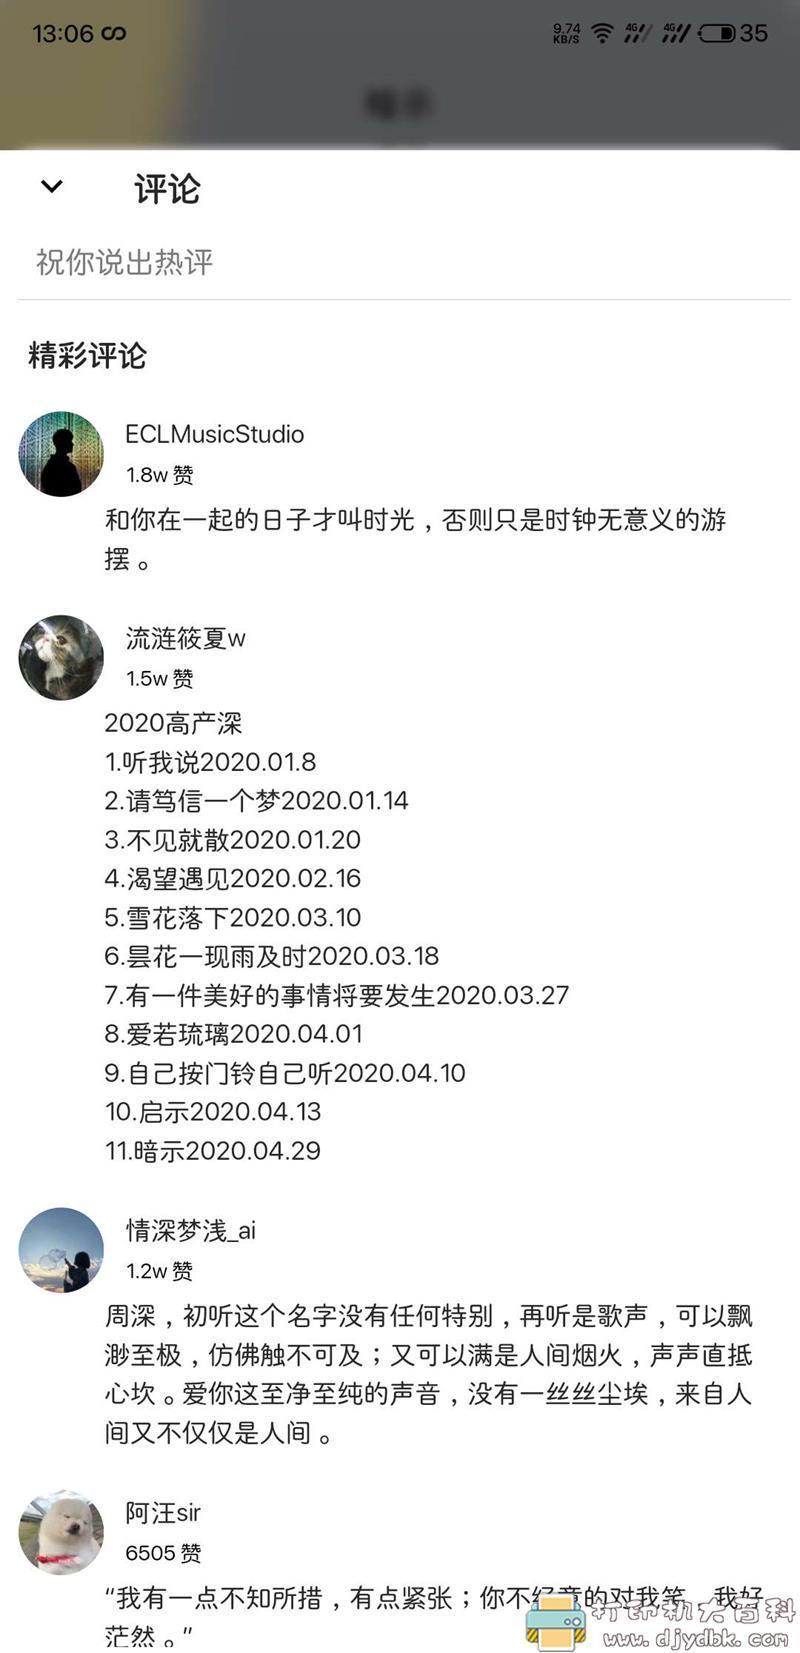 [Android]网易云音乐第三方客户端 不倦图片 No.4